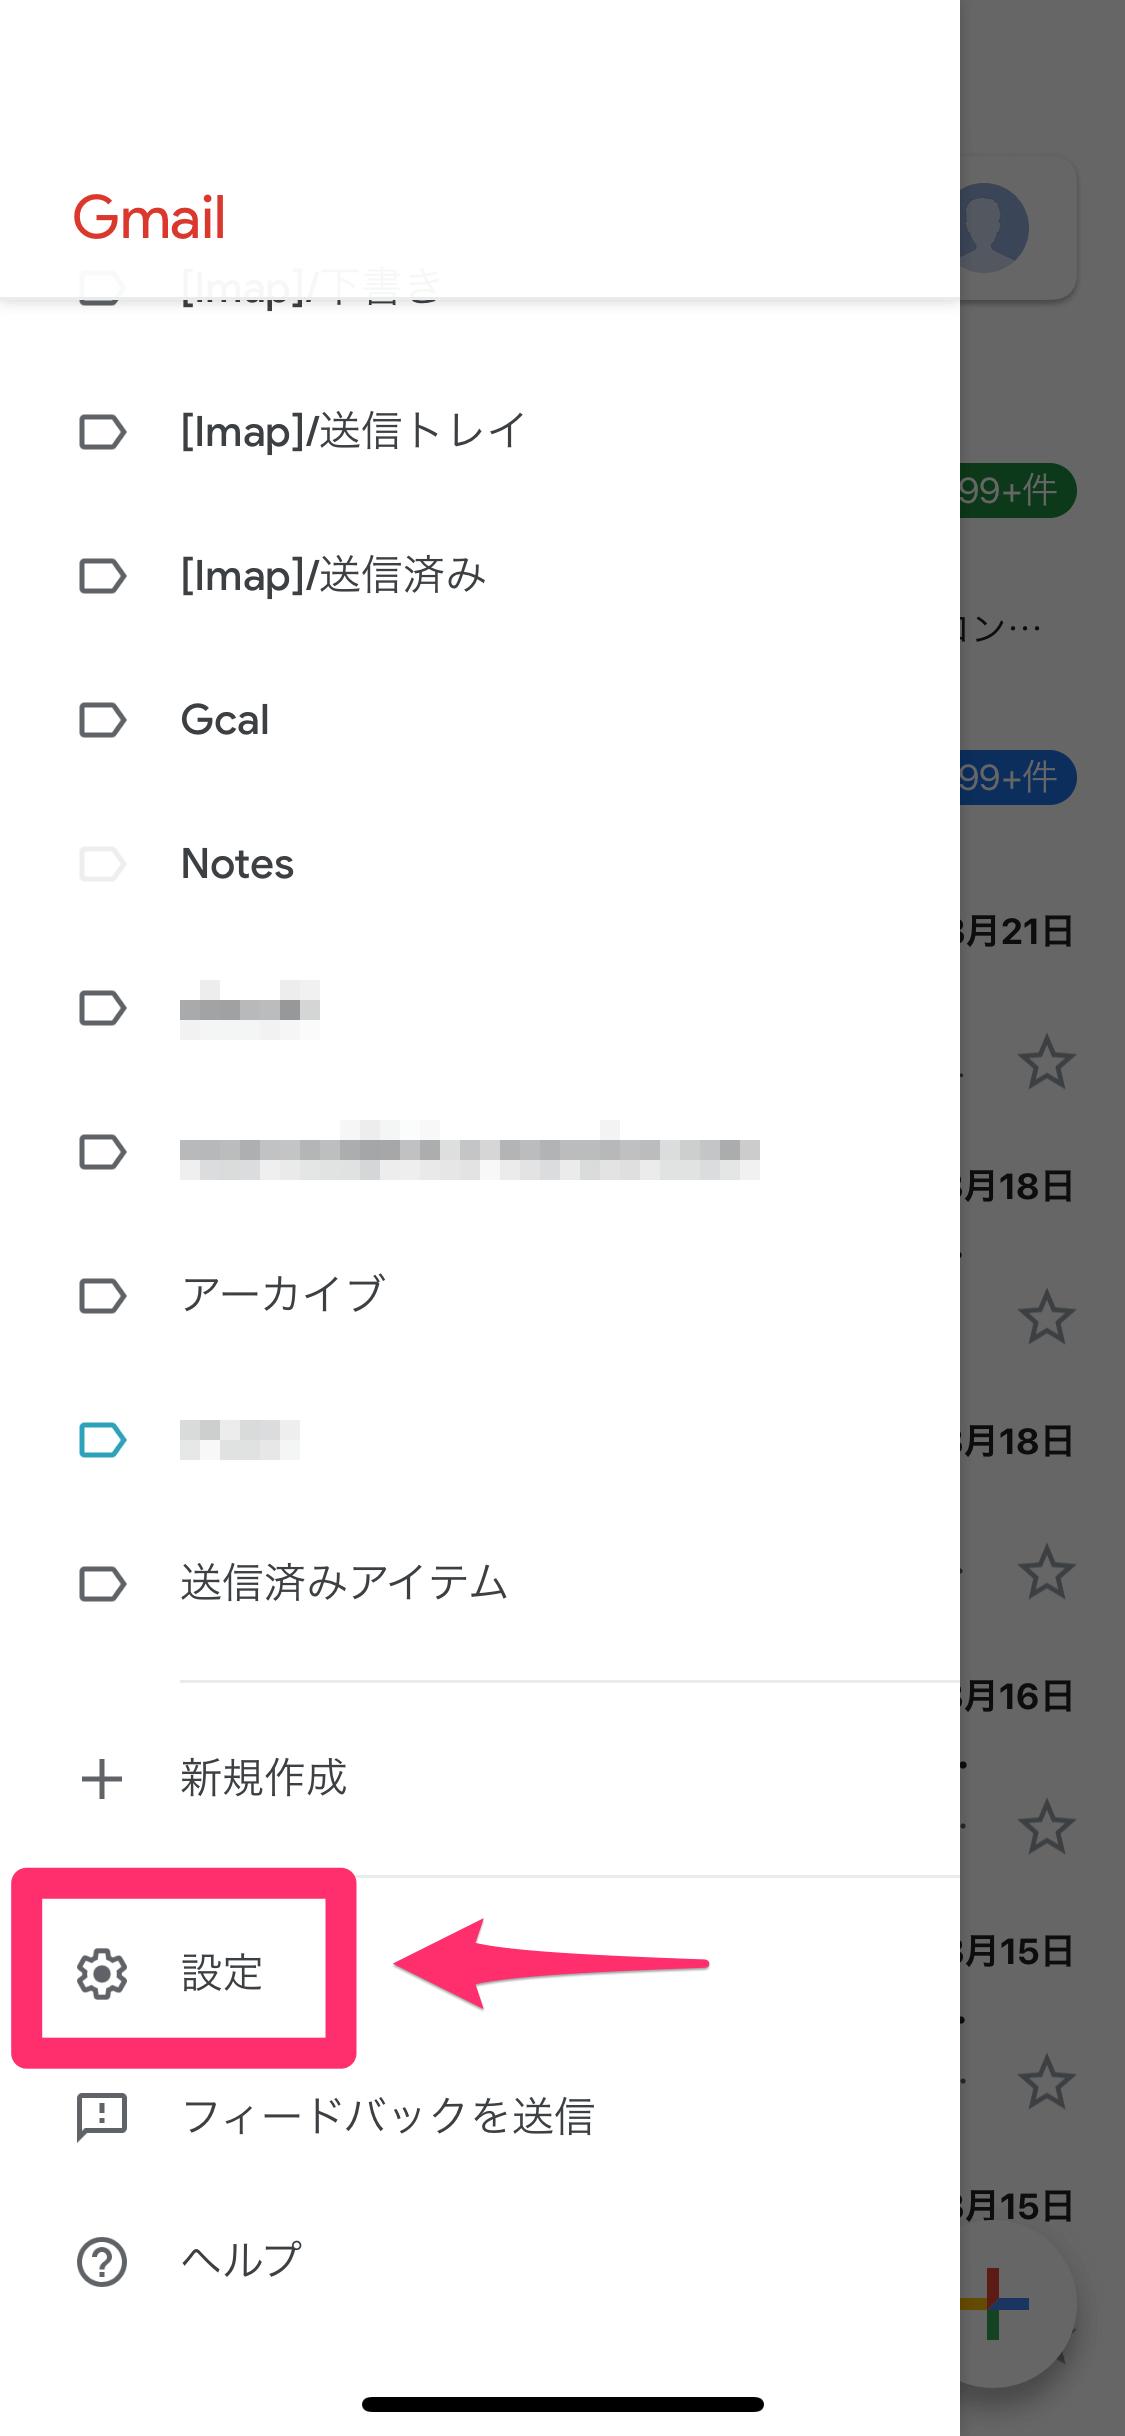 Gmailアプリのスワイプ操作をカスタマイズする方法。アーカイブ、既読/未読、削除がスイスイできる!